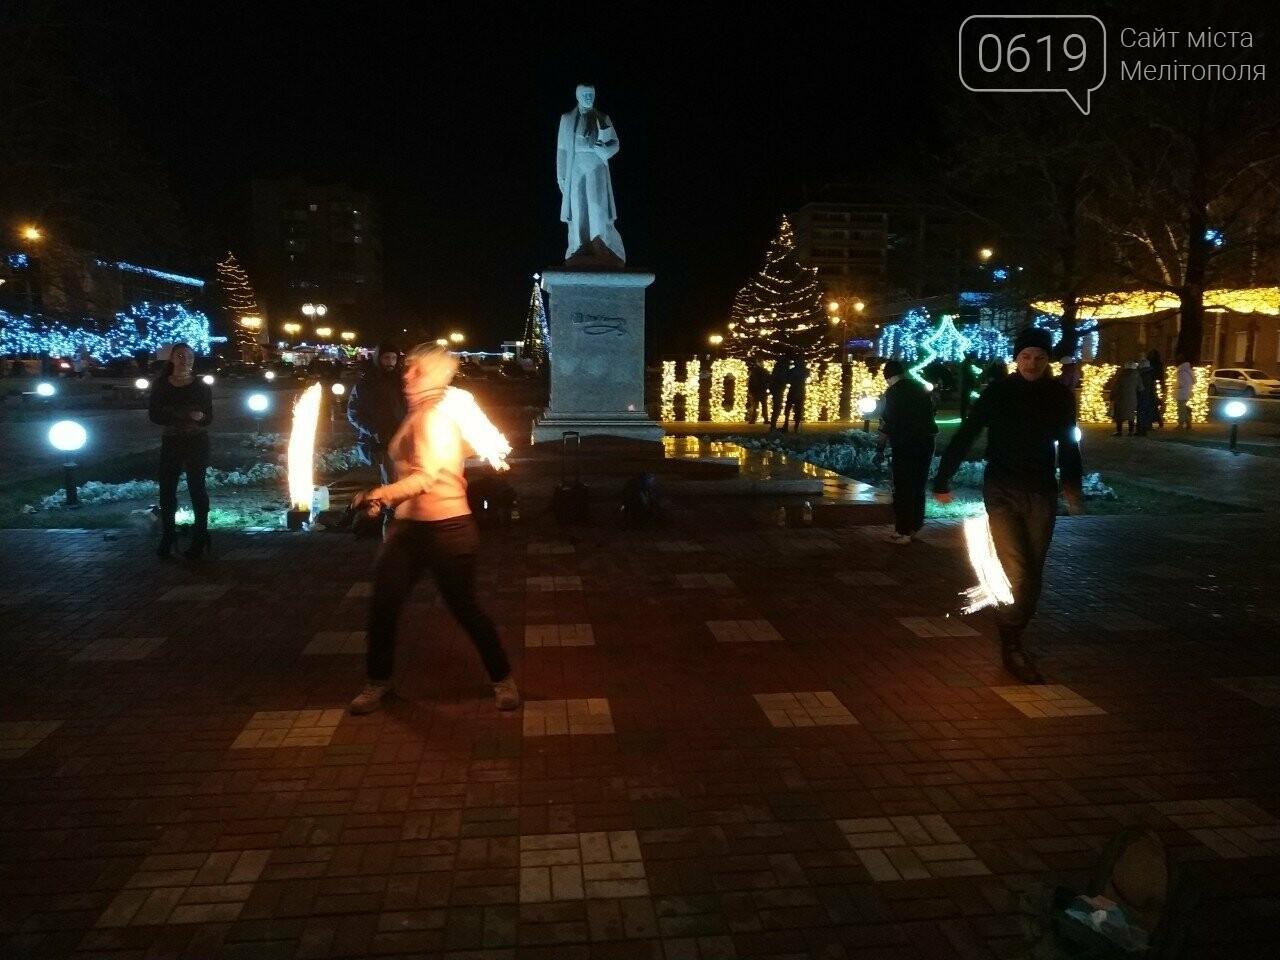 В центре Мелитополя устроили огненное шоу, фото-3, Фото сайта 0619